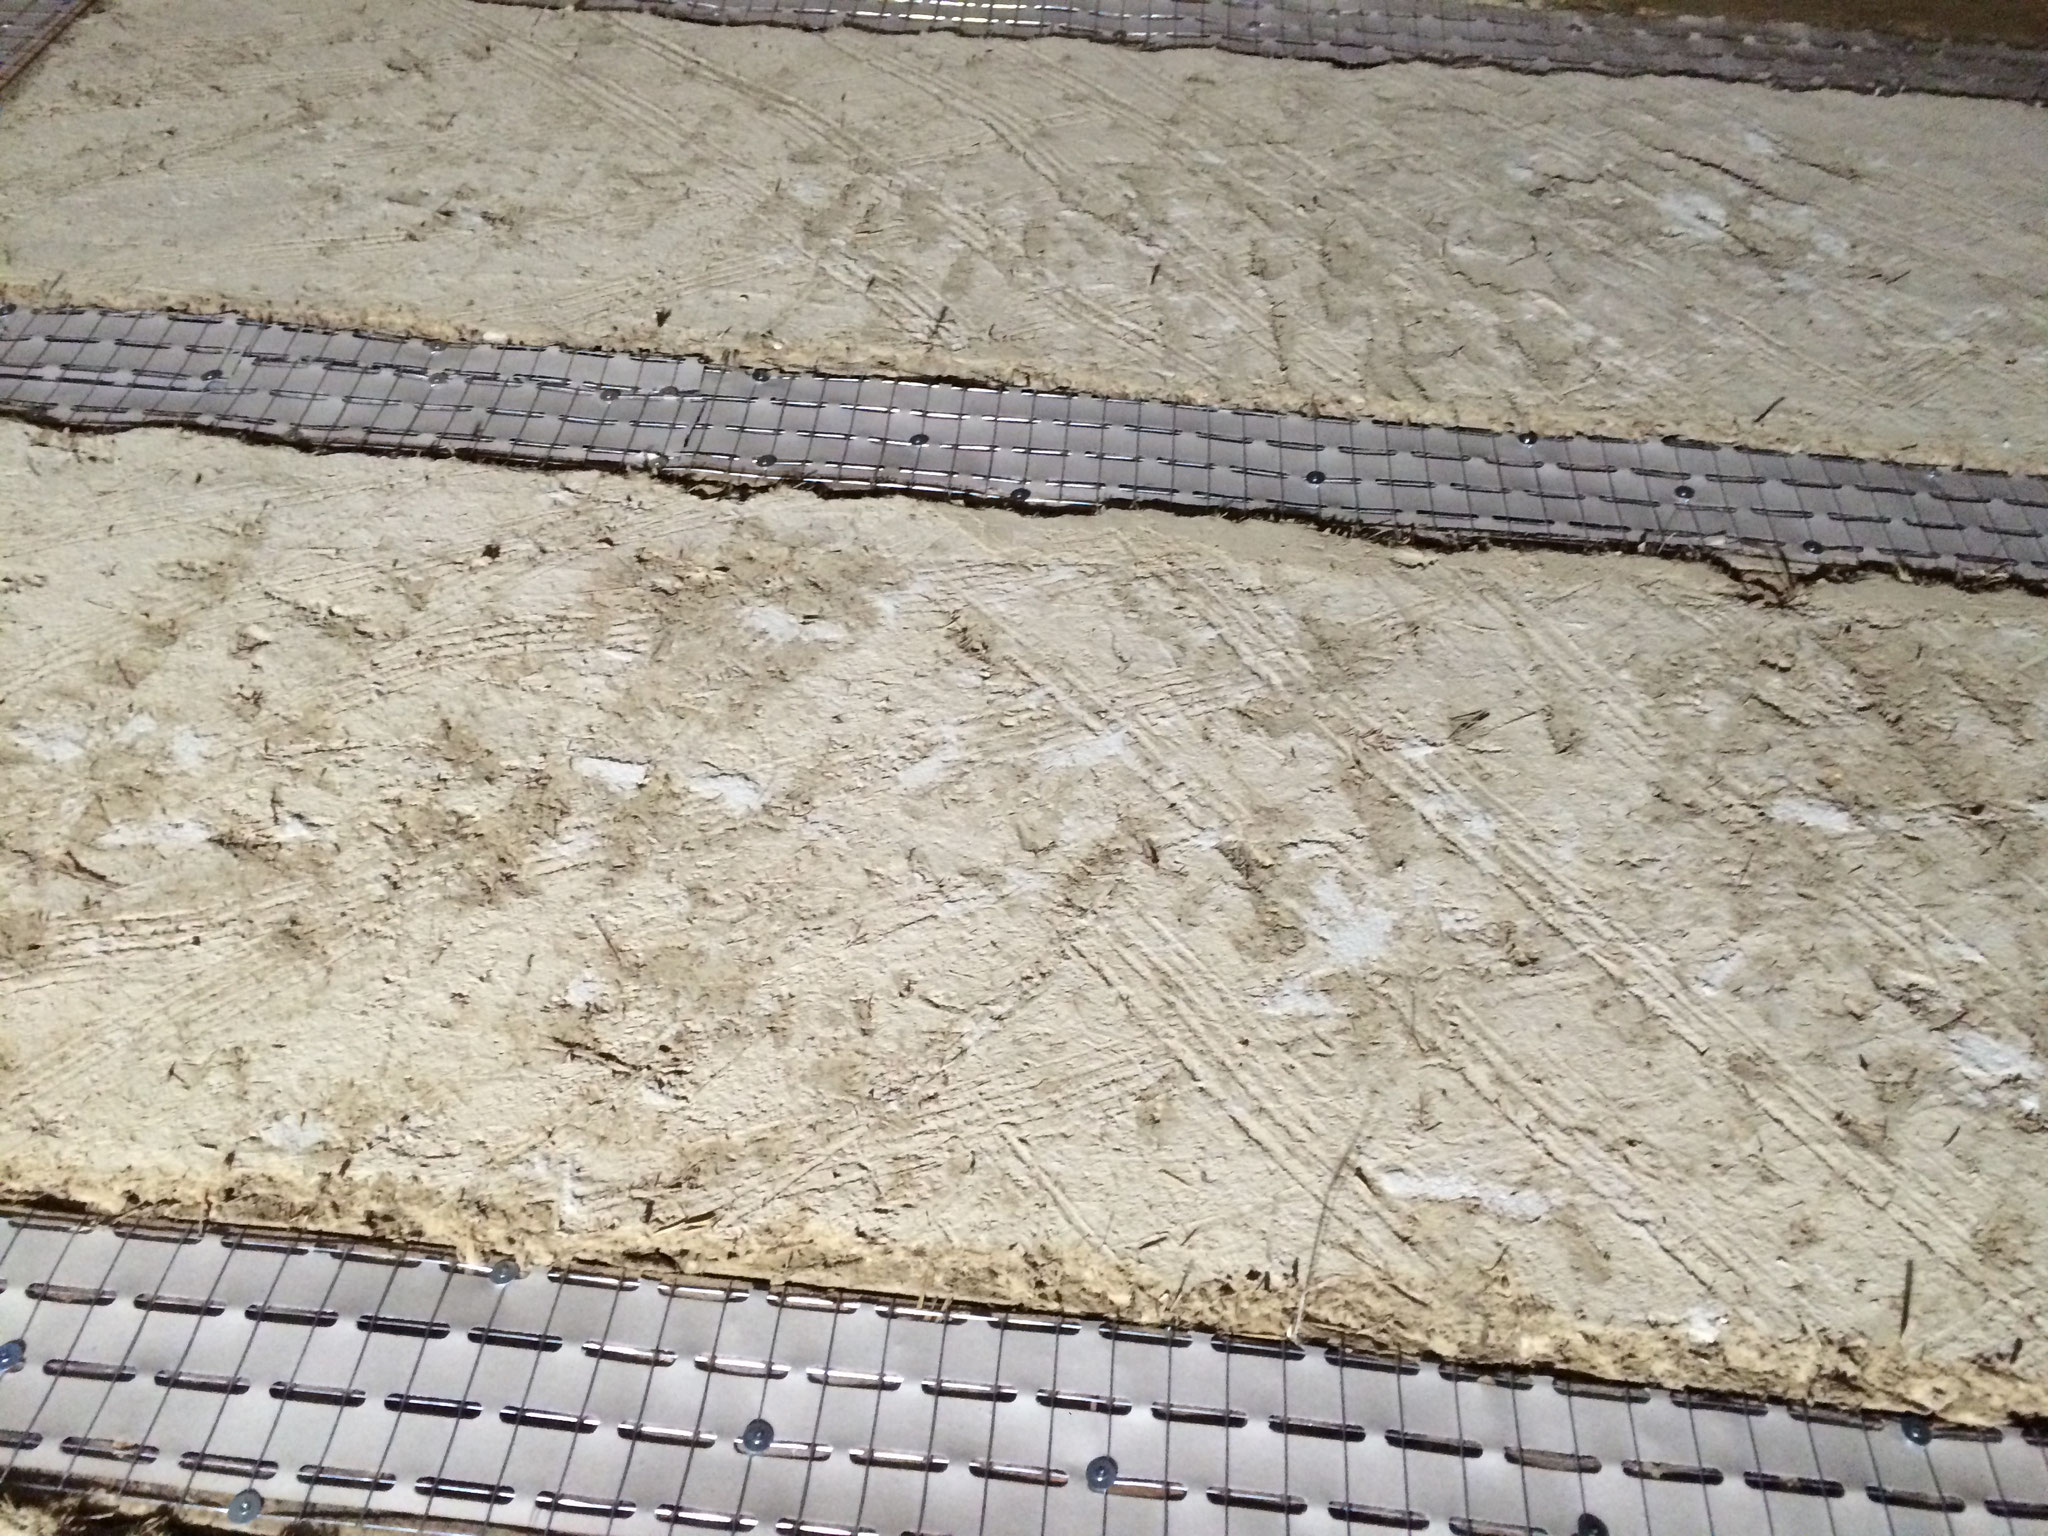 Putzvorbereitung auf vorhandene Deckenbalken mit einem Streckmetall